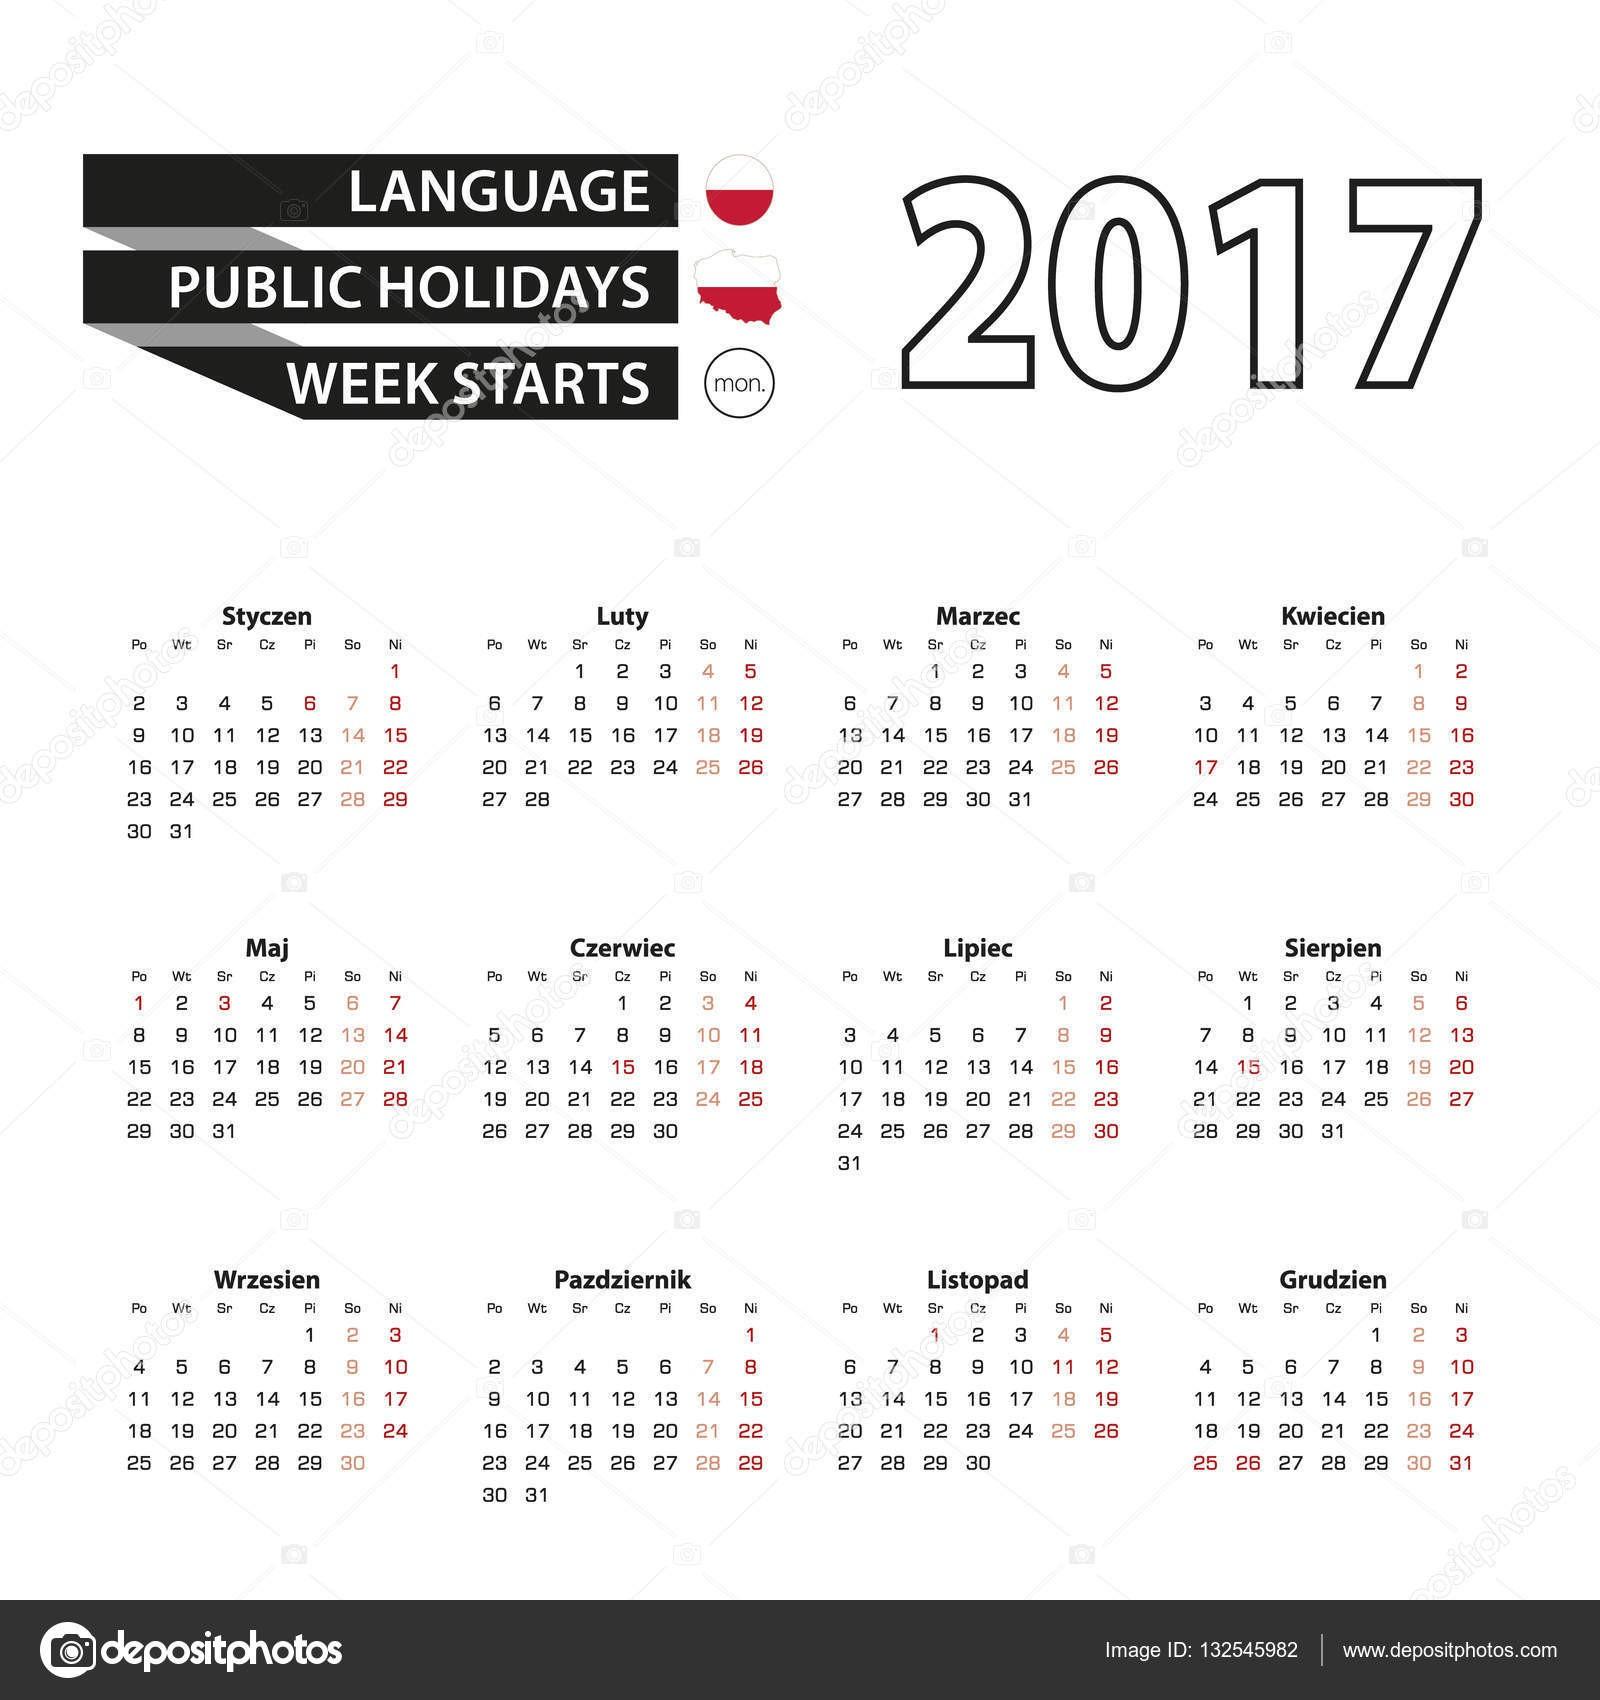 Calendario 2017 en lengua polaca Con los das festivos en Polonia en el a±o 2017 La semana ienza en el lunes Calendario simple